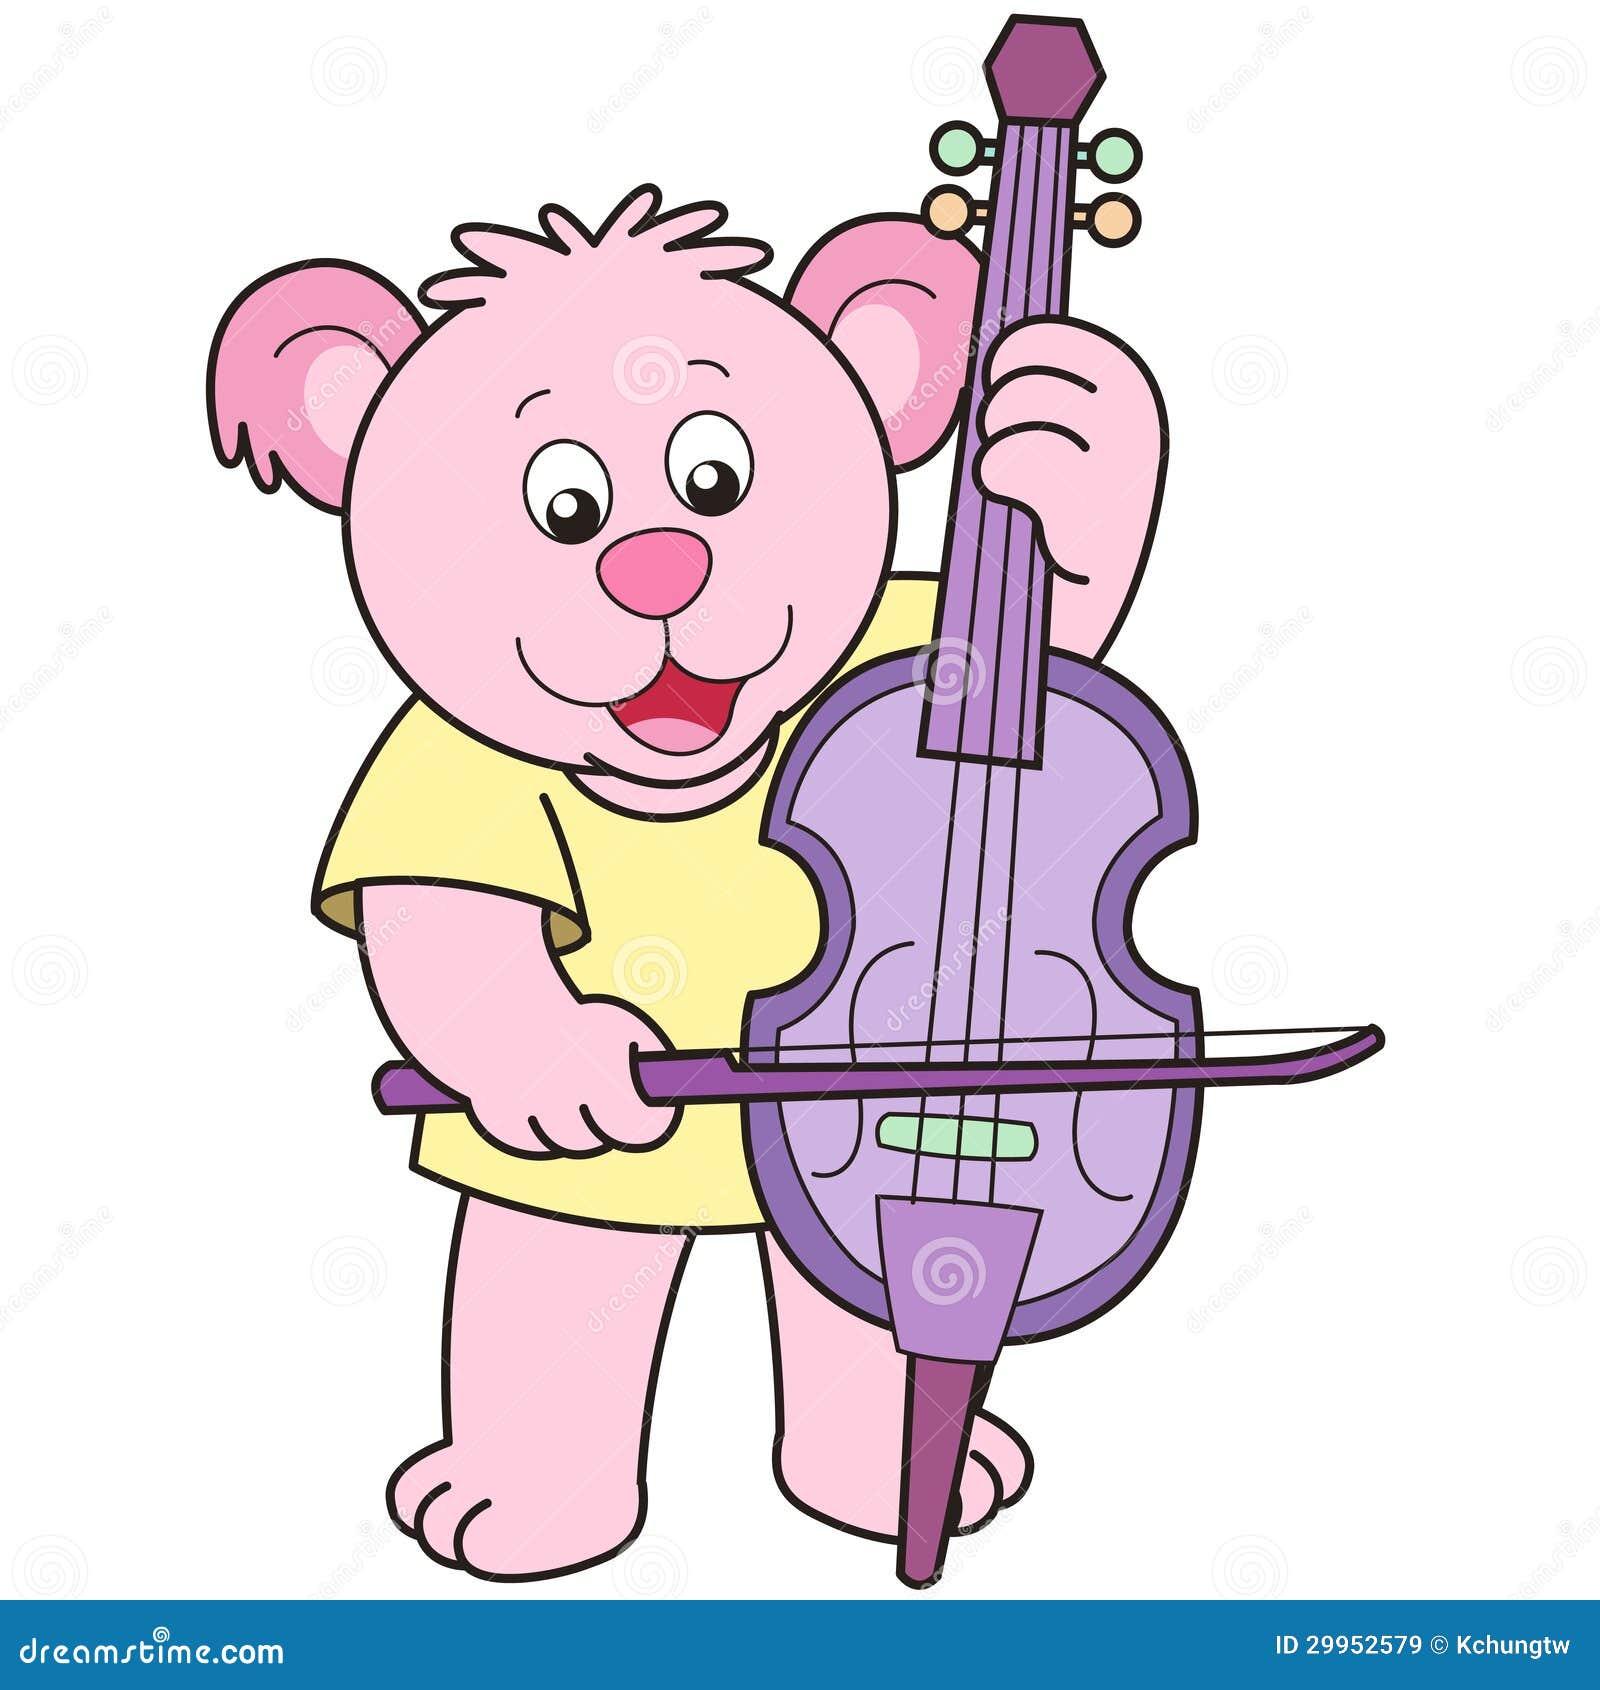 Cello cartoon cello player stock photography image 32561422 - Cartoon Bear Playing A Cello Royalty Free Stock Images